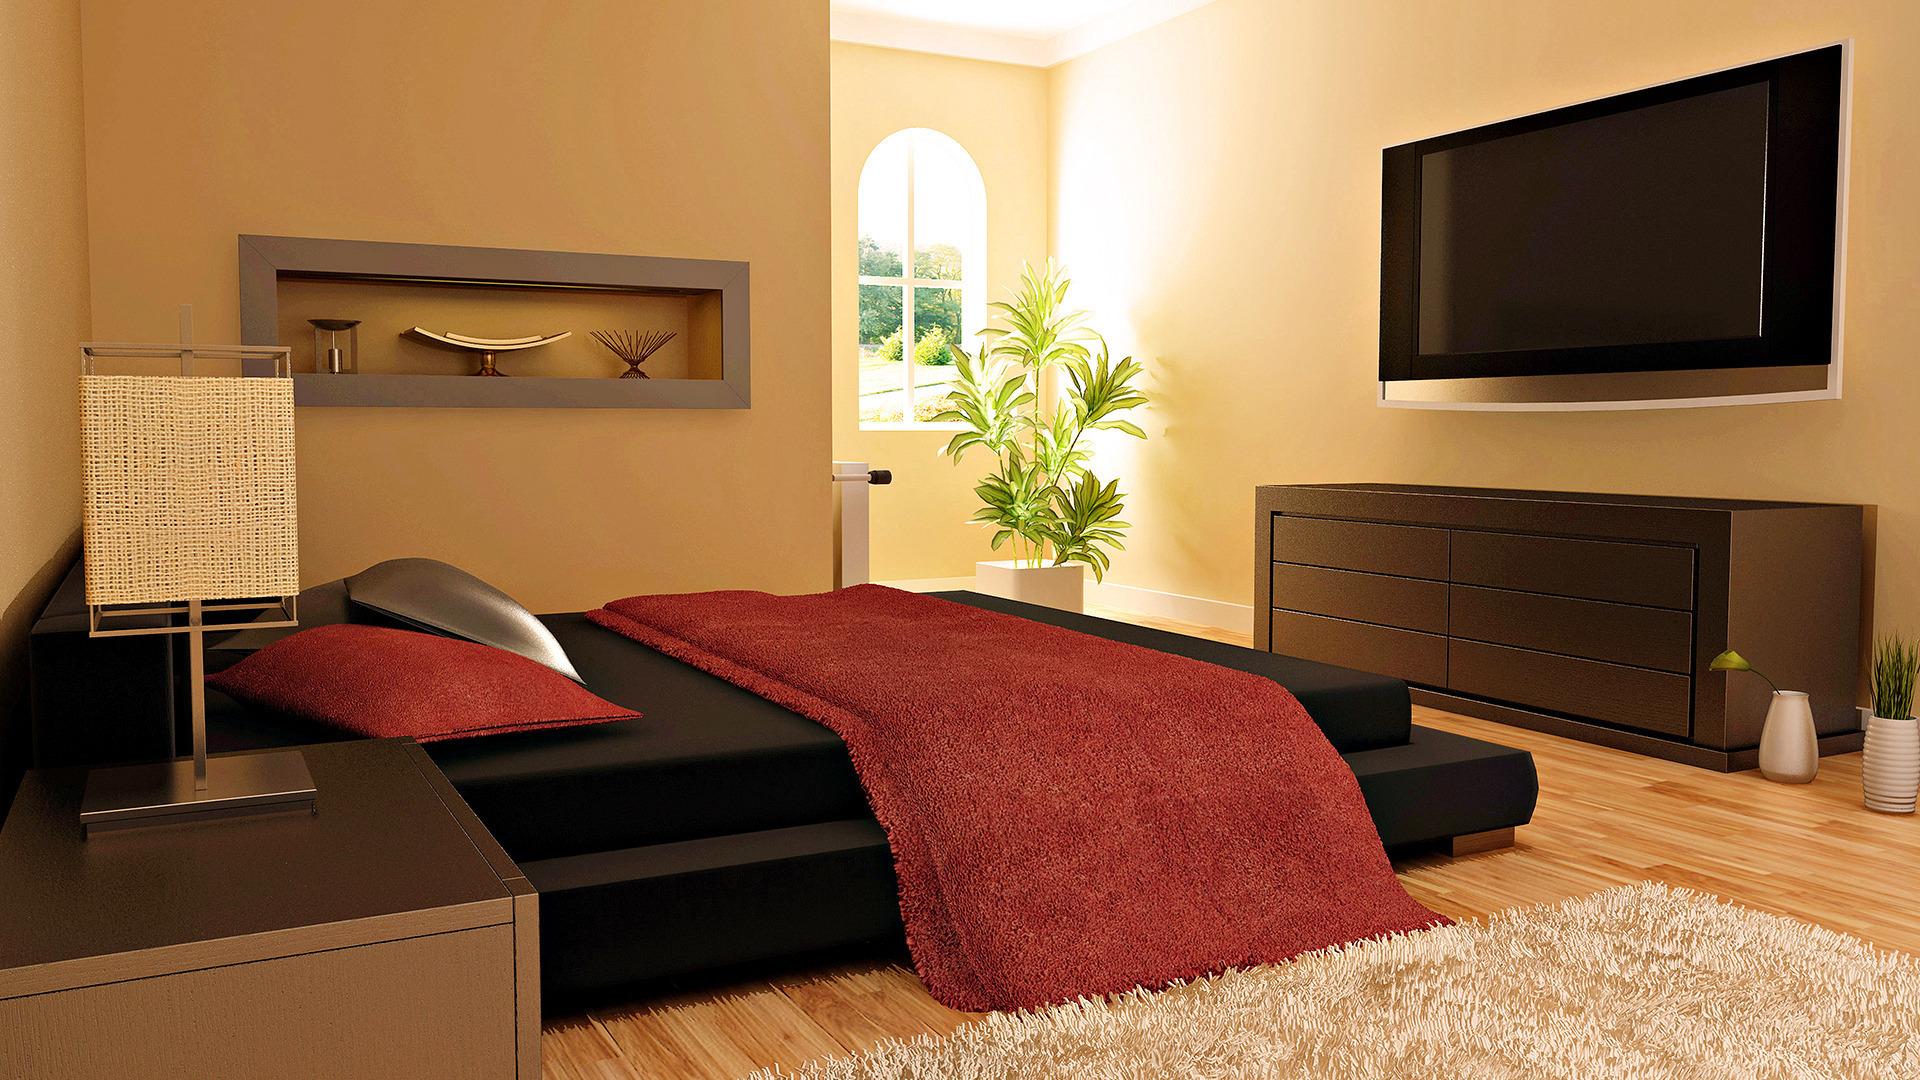 интерьер комната кровать онлайн